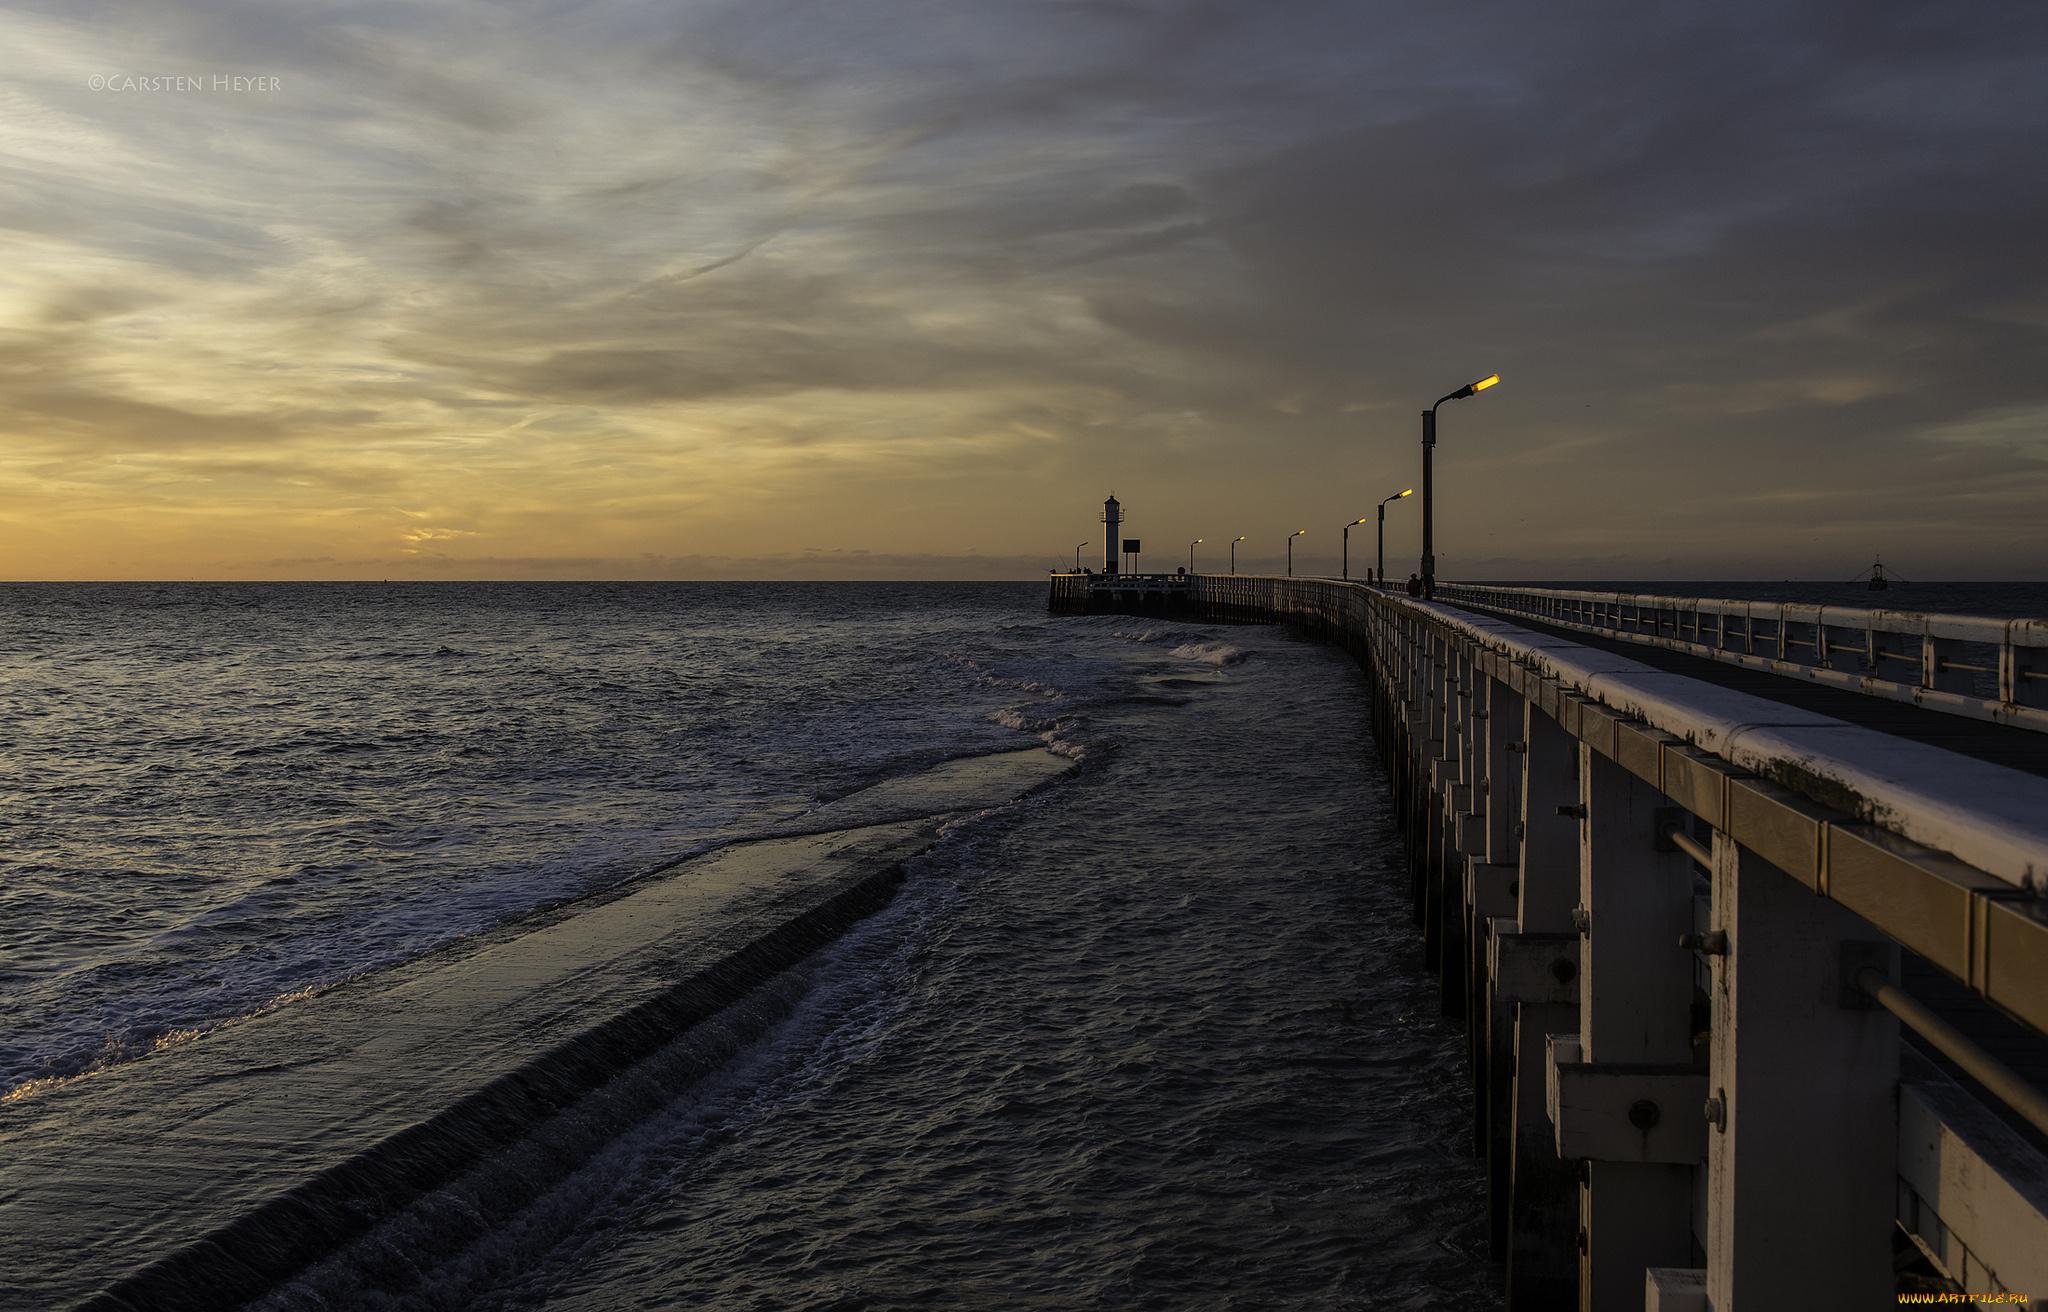 причал фонари берег море pier lights shore sea  № 2555115  скачать